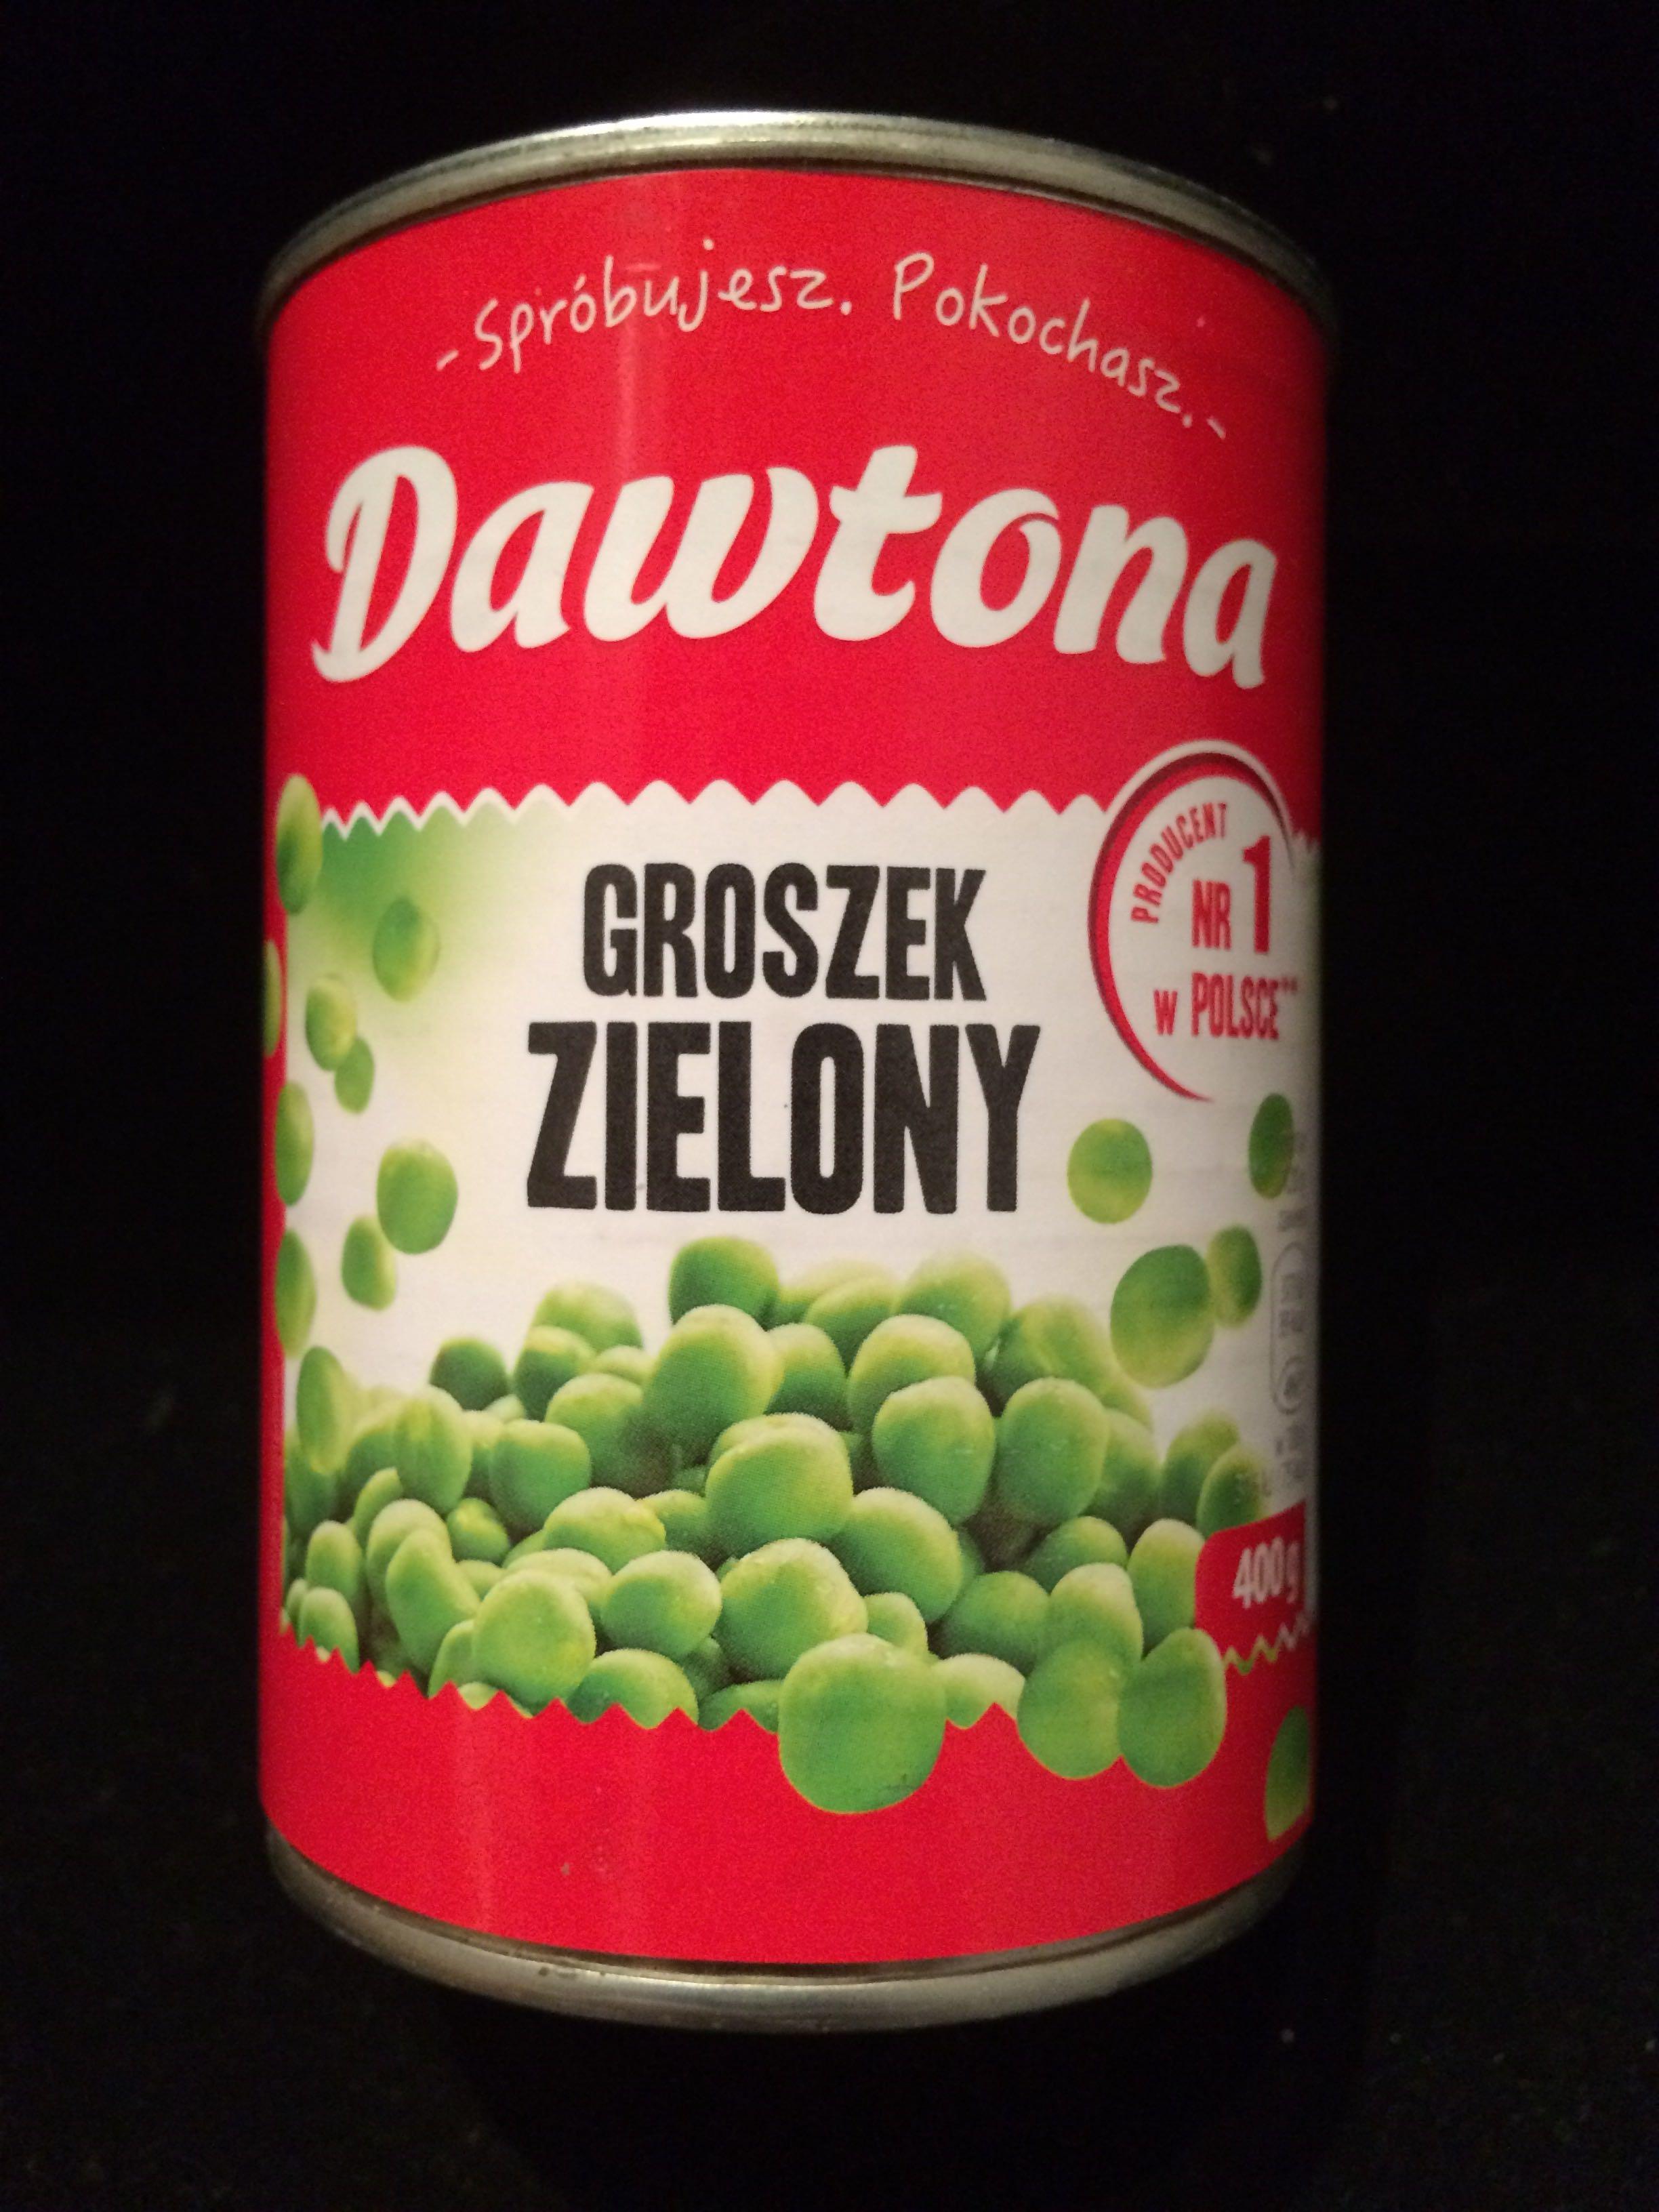 Groszek zielony konserwowy - Product - en